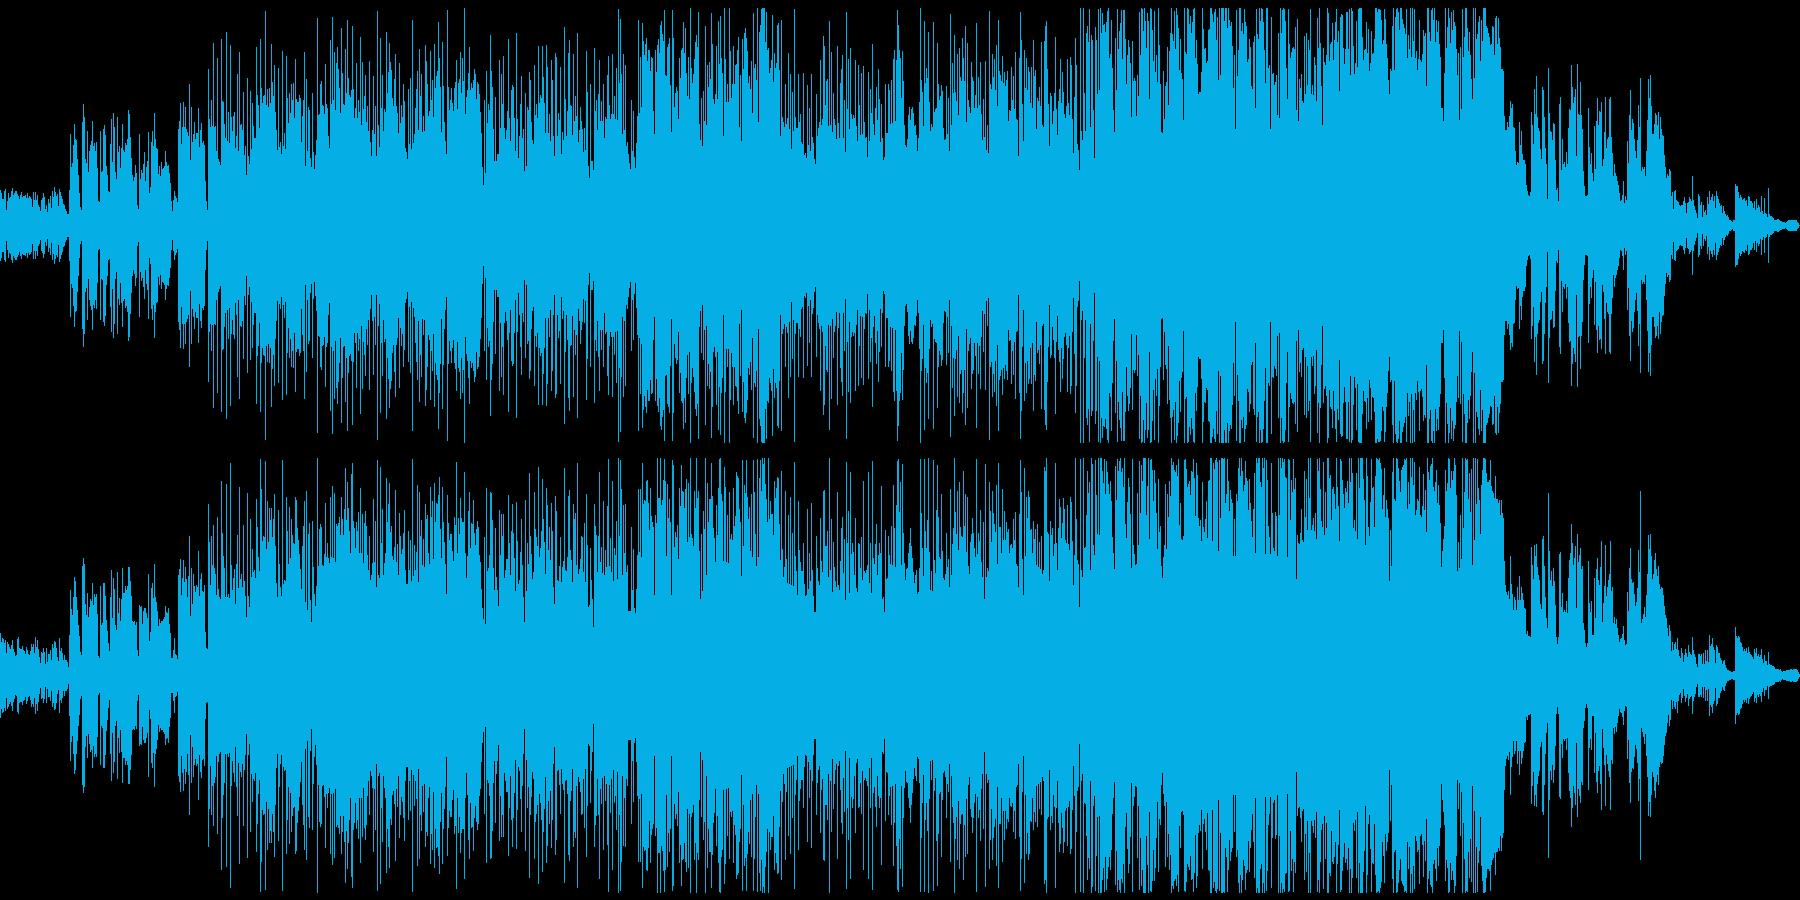 悶々とした中学生時代を表現する卒業ソングの再生済みの波形